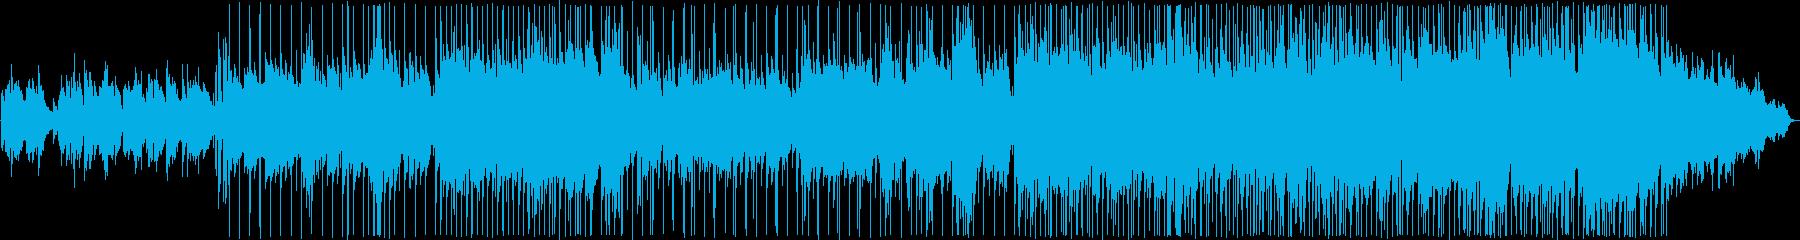 宇宙的な雰囲気のバラードの再生済みの波形